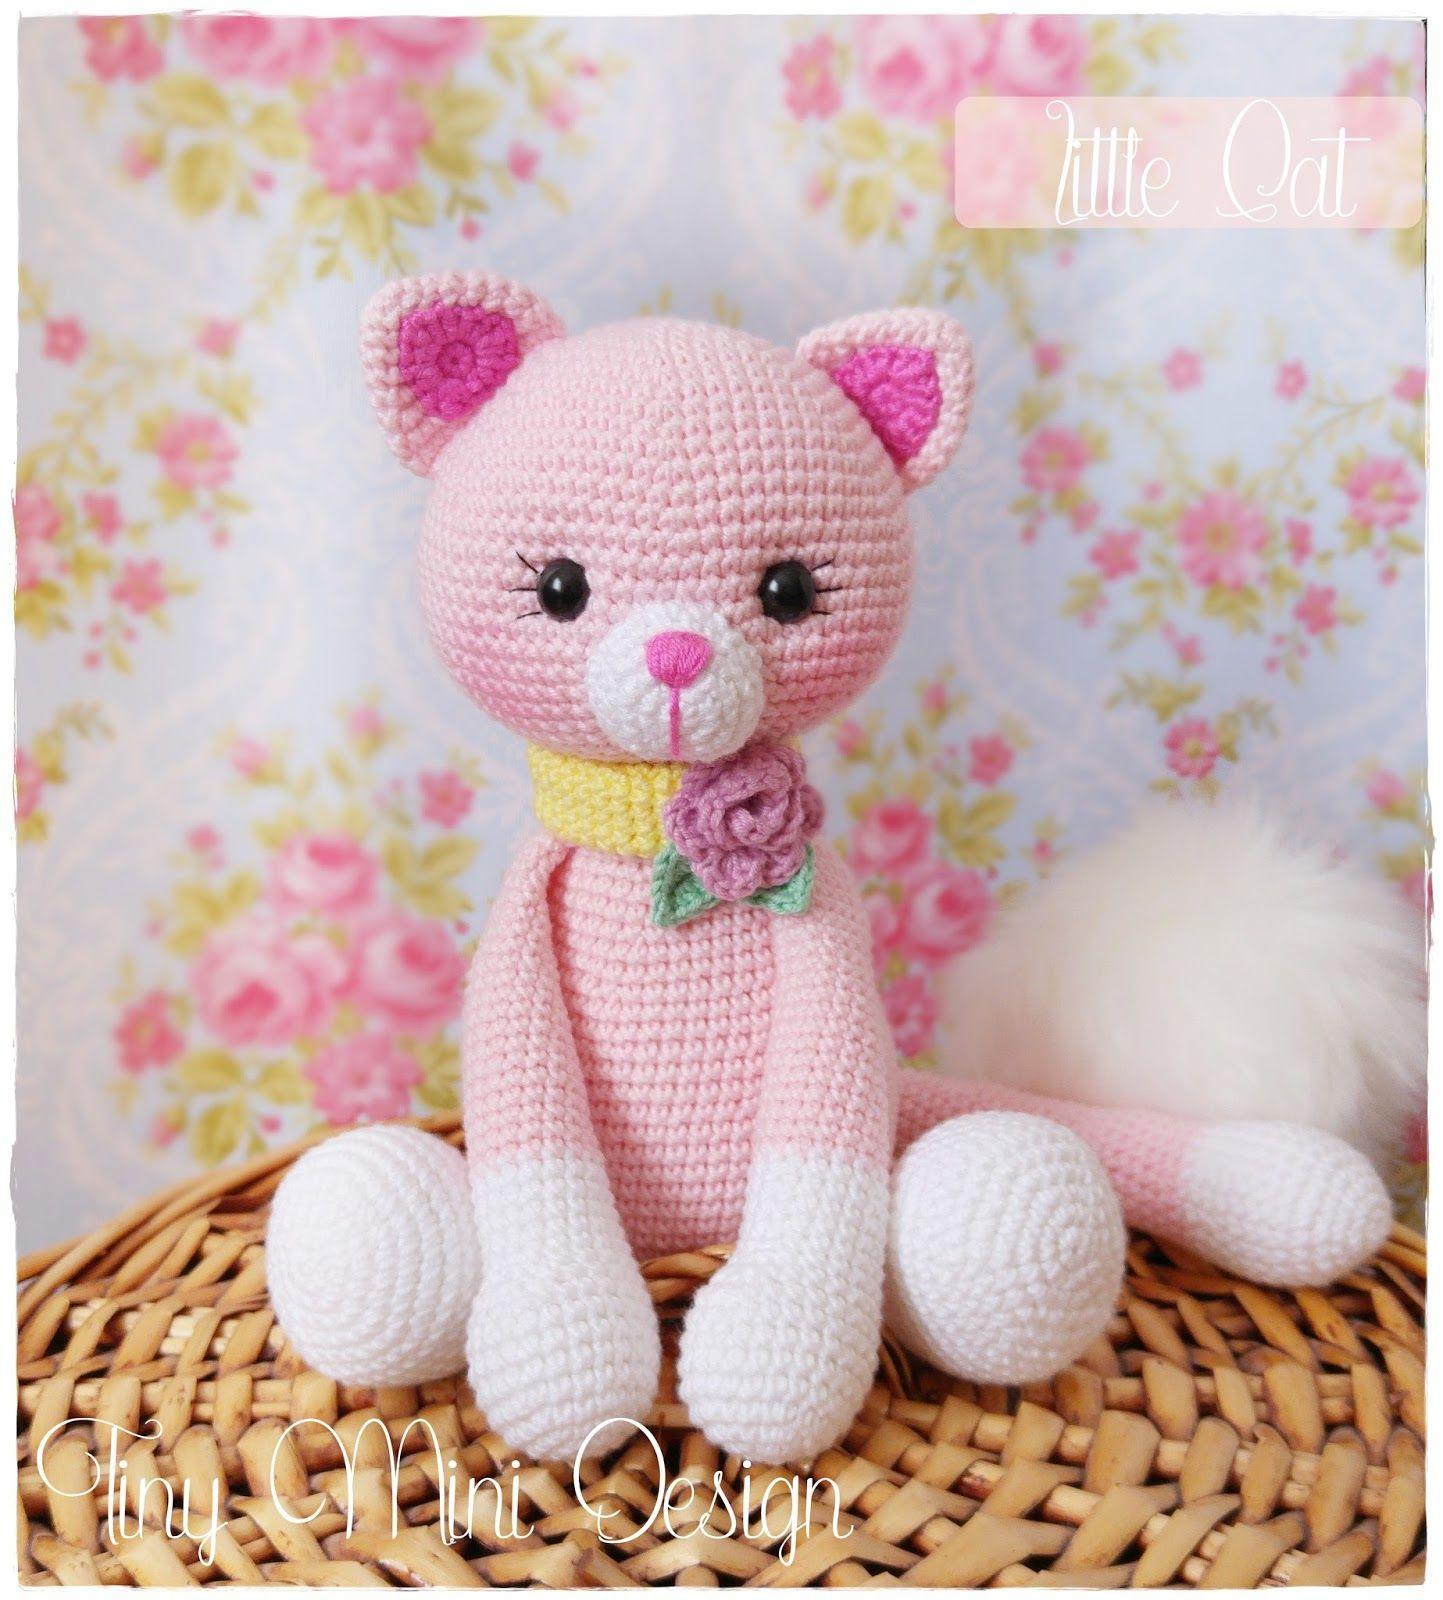 Amigurumi Pembe Kedicik- Amigurumi Pink Cat   Tiny Mini Design ...